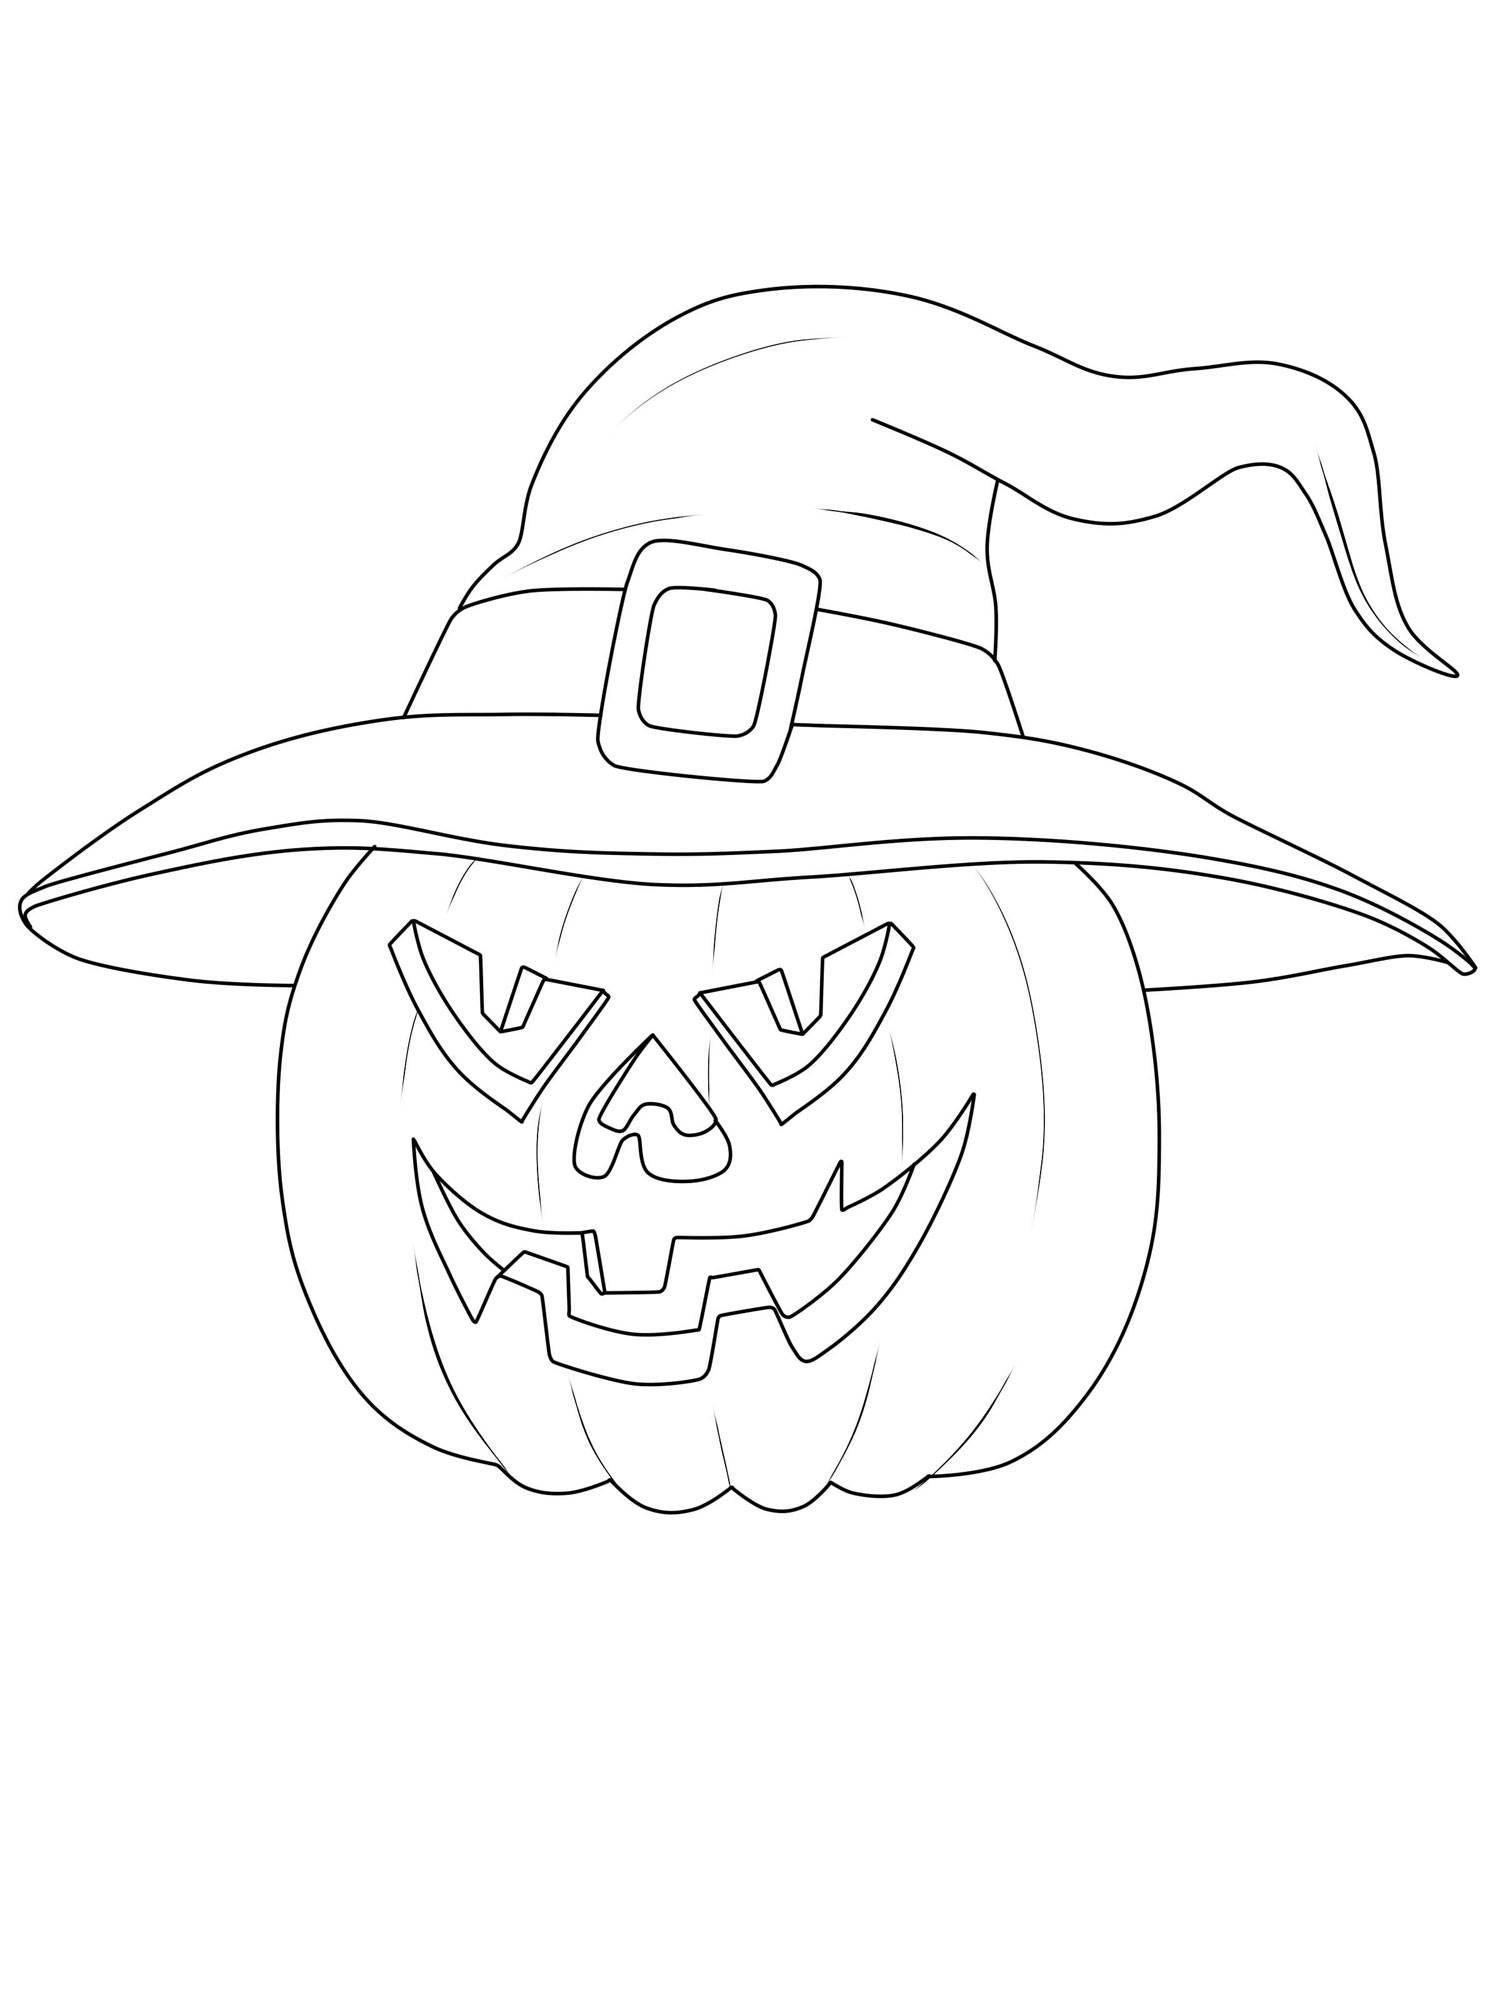 Ausmalbild Halloween: Kürbis-Hexe Ausmalen Kostenlos in Ausmalbilder Zum Ausdrucken Halloween